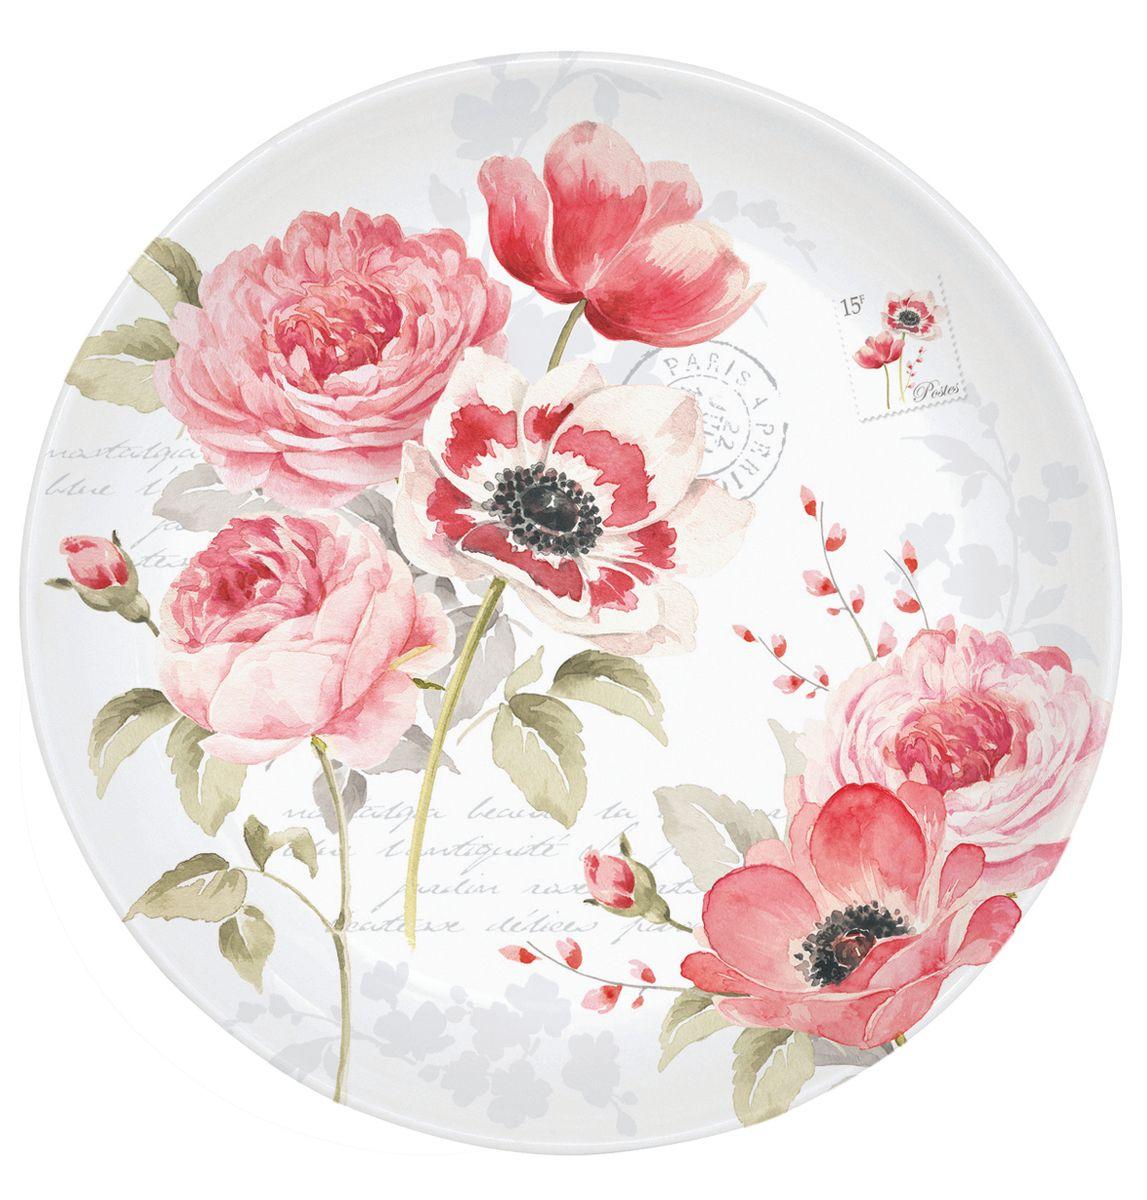 Блюдце Nuova R2S Пионы, диаметр 10 смVT-1520(SR)Блюдце Nuova R2S Пионы выполнено из высококачественного фарфора. Изделие оформлено цветочным рисунком и надписями. Изящное блюдце не только красиво оформит стол к чаепитию, но и станет прекрасным подарком друзьям и близким.Диаметр блюдца: 10 см.